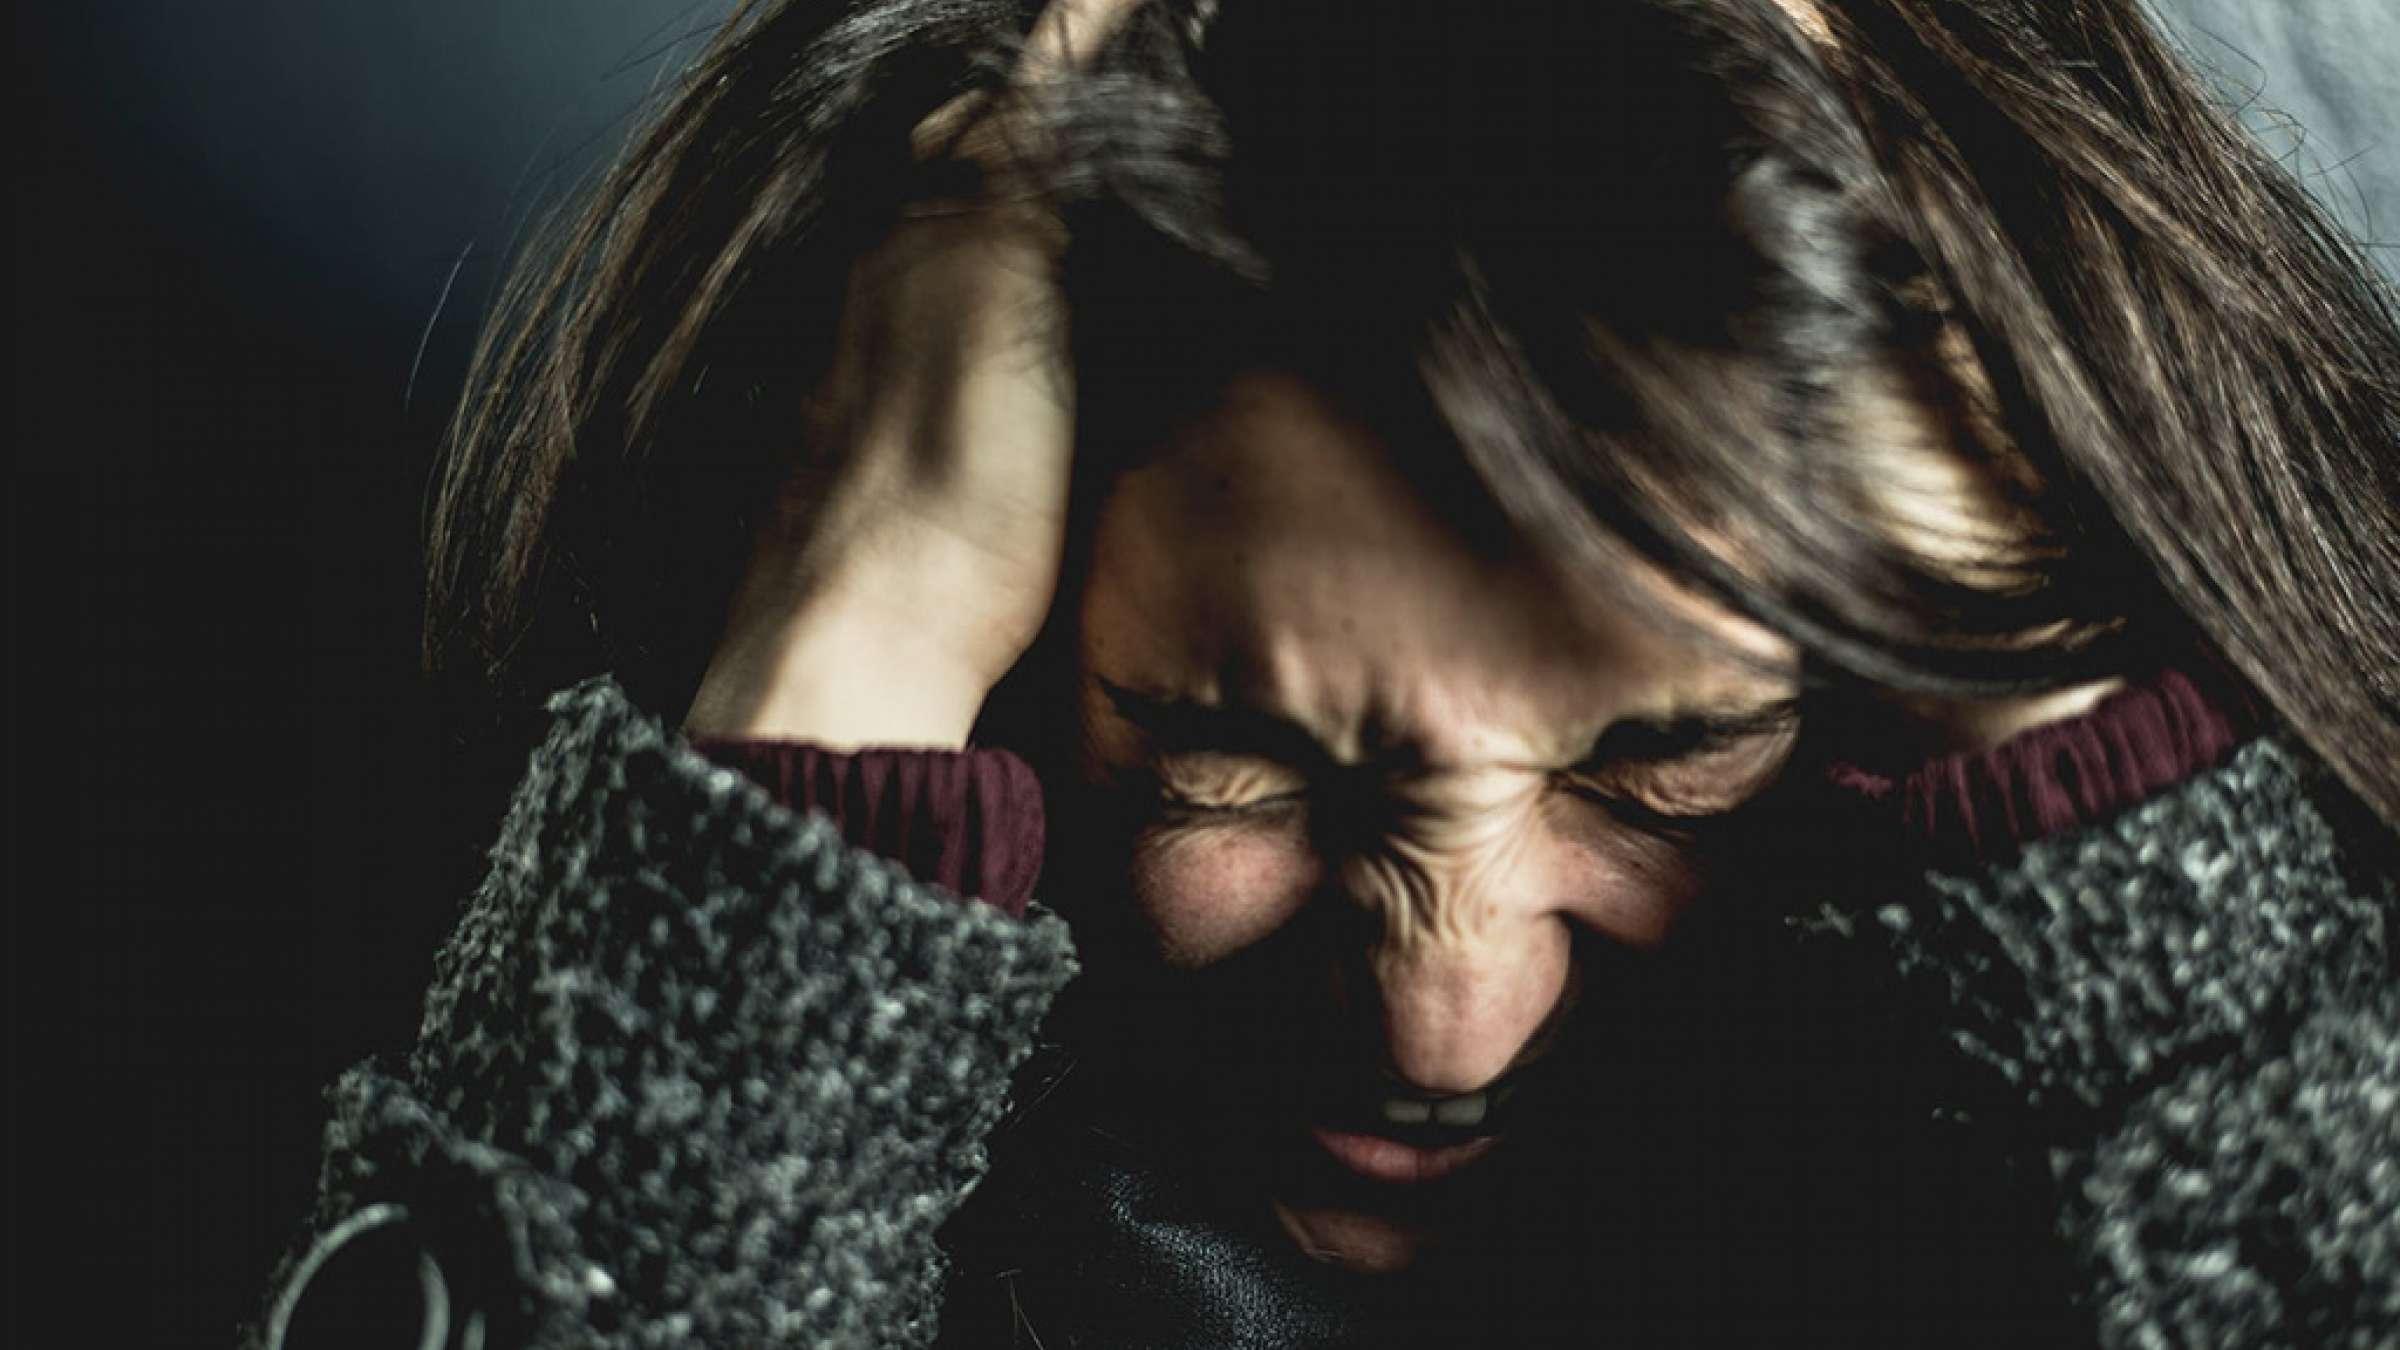 روانشناسی-ادیب-راد-فروپاشی-عصبی-چیست